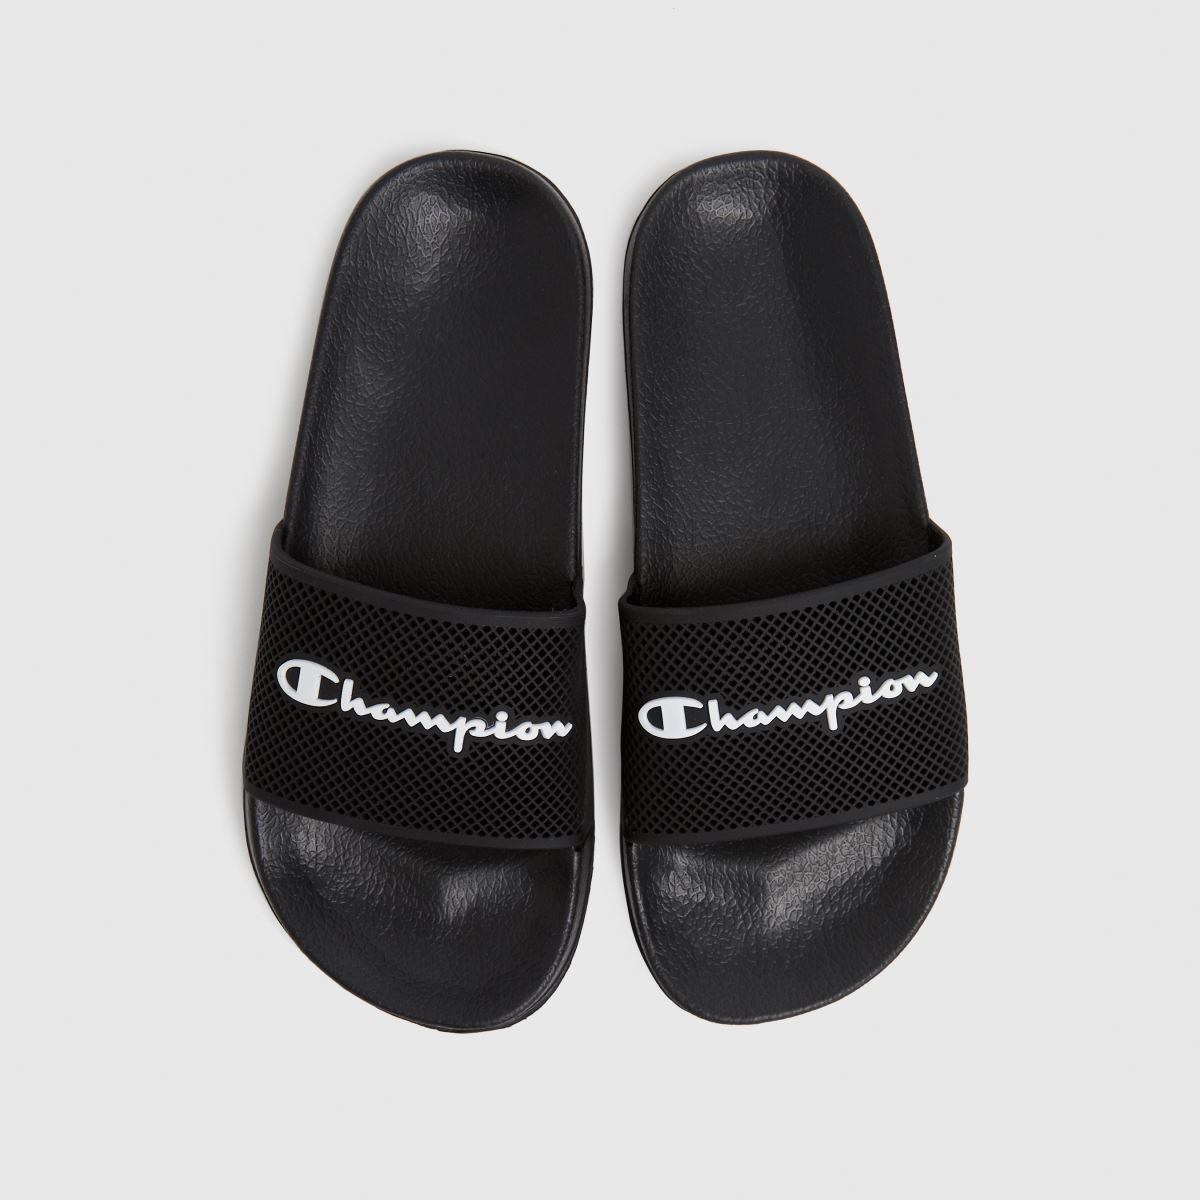 Champion Black & White Daytona Sandals